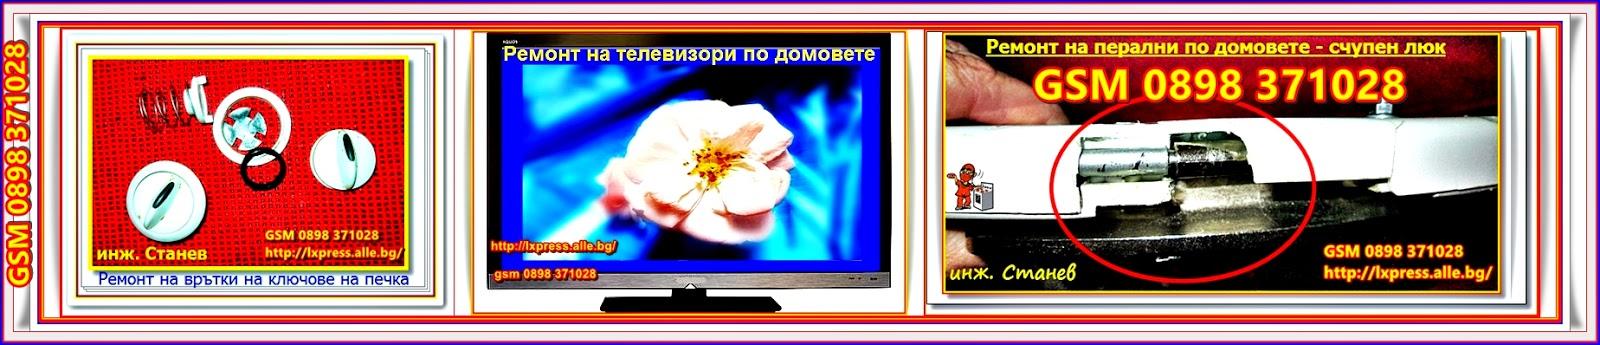 ремонт на печки, телевизори